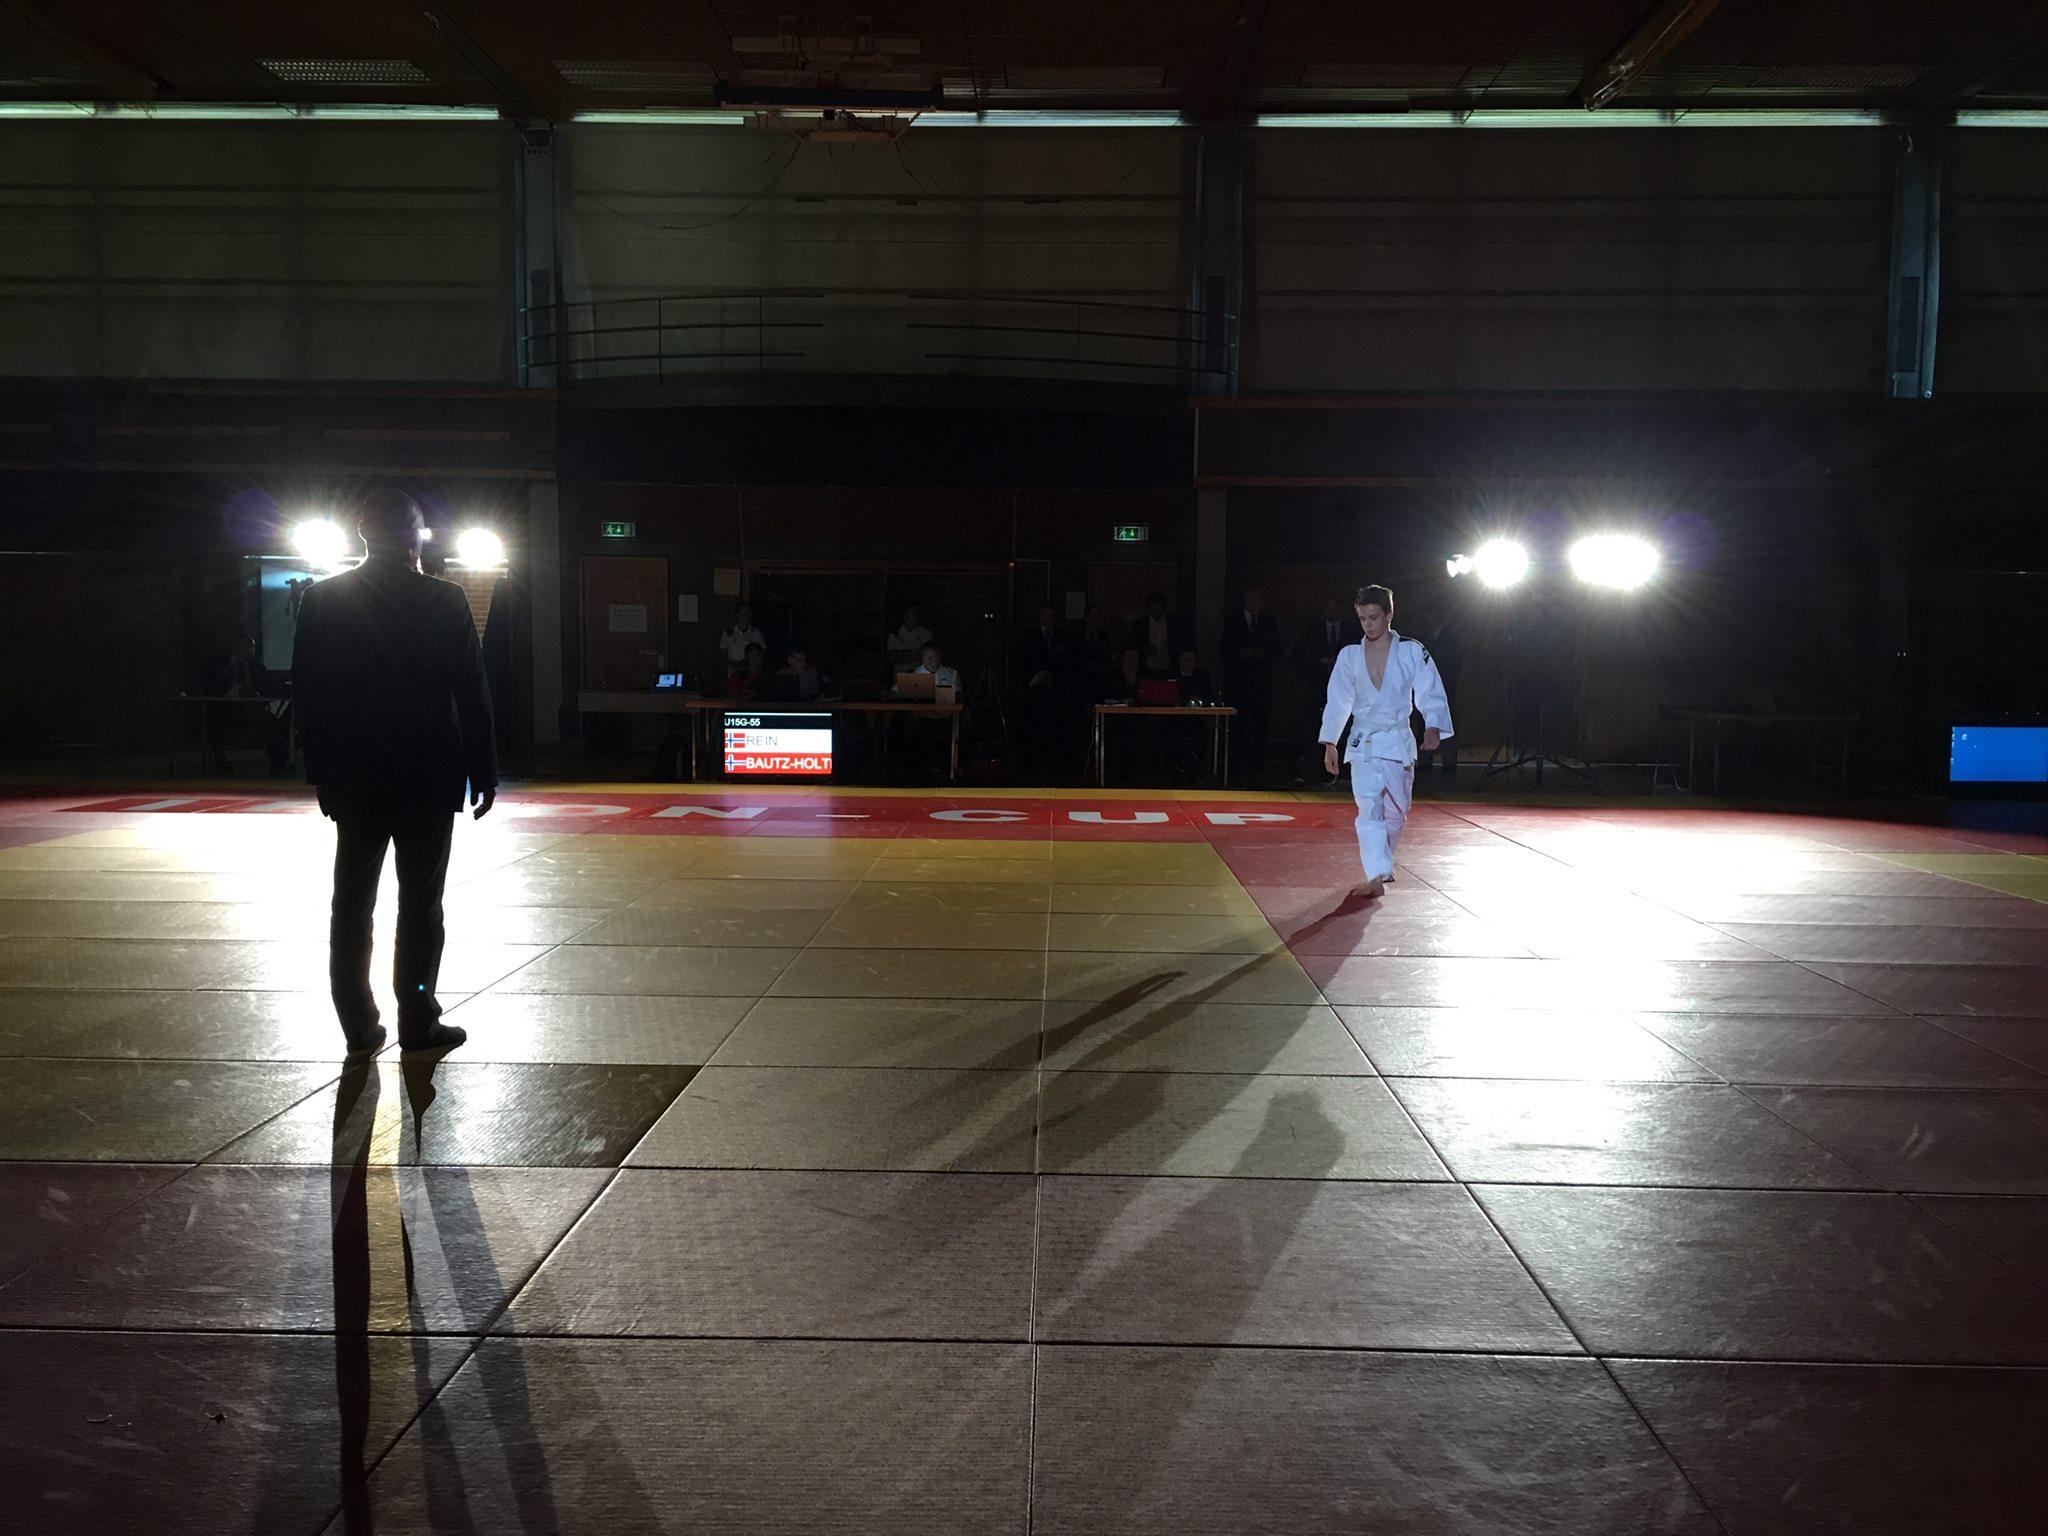 Finalene ble kjørt til slutt med mørklagt hall, spotter og heftig musikk når utøverne ble annonsert inn på matta.